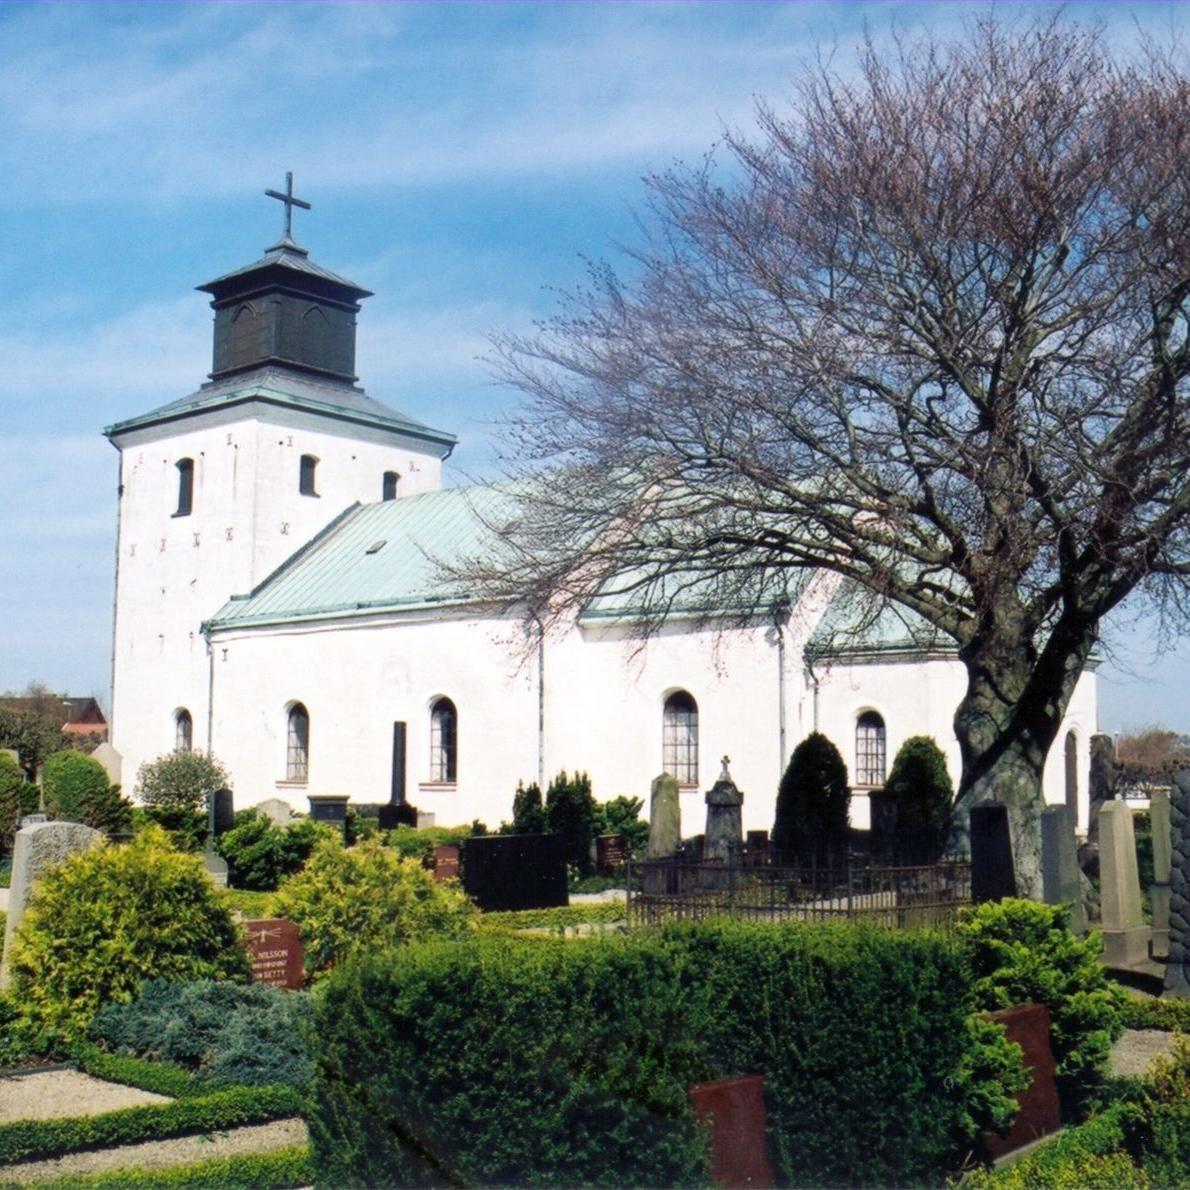 © Kävlinge kommun, Löddeköpinge kyrka